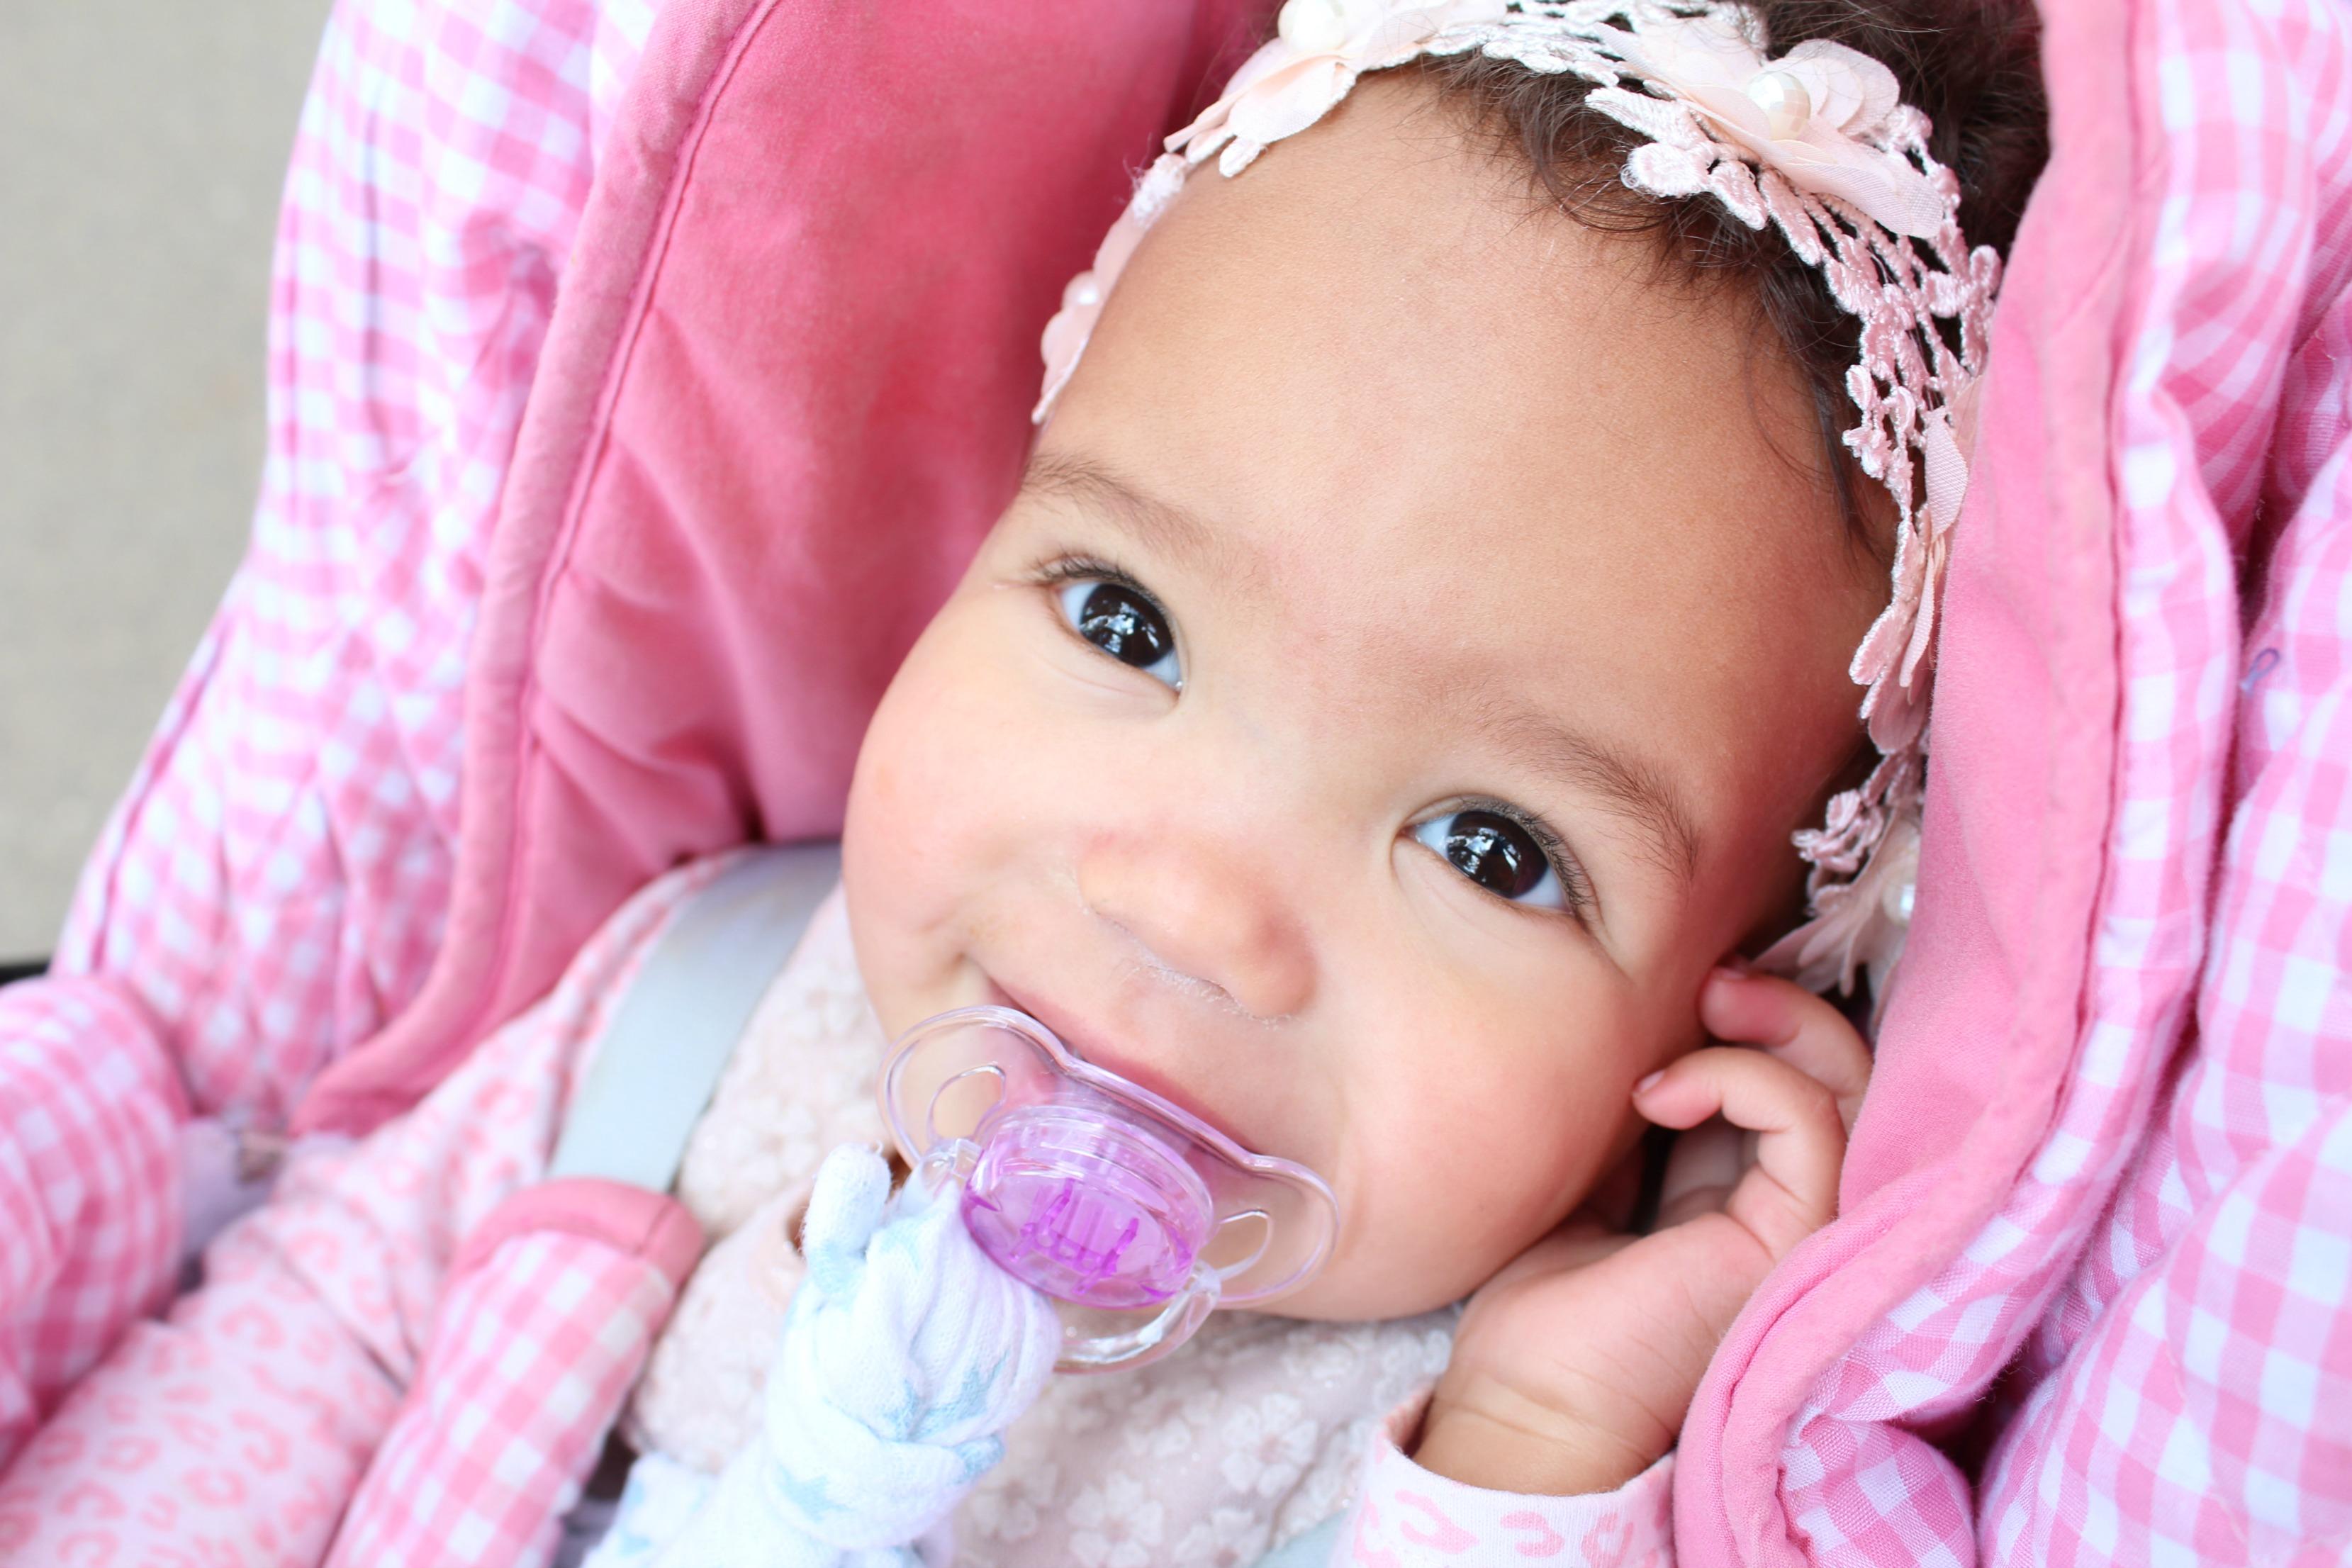 Blijf van mijn kind af-Over ongewenst aanraken van babys door anderen-GoodGirlsCompany